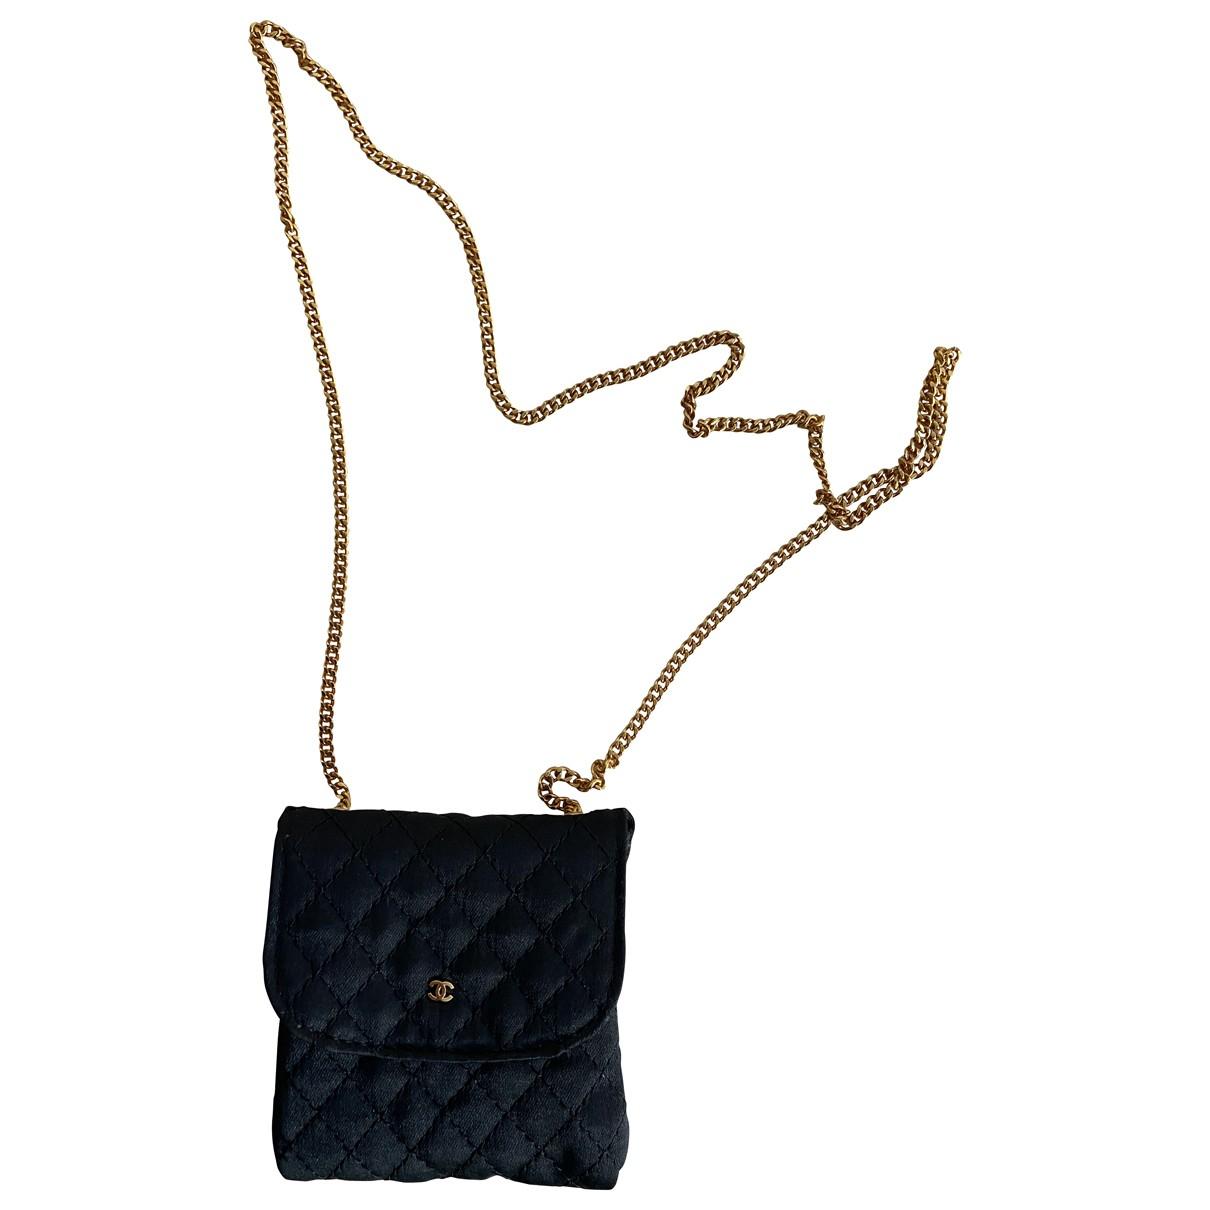 Pochette de Lona Chanel